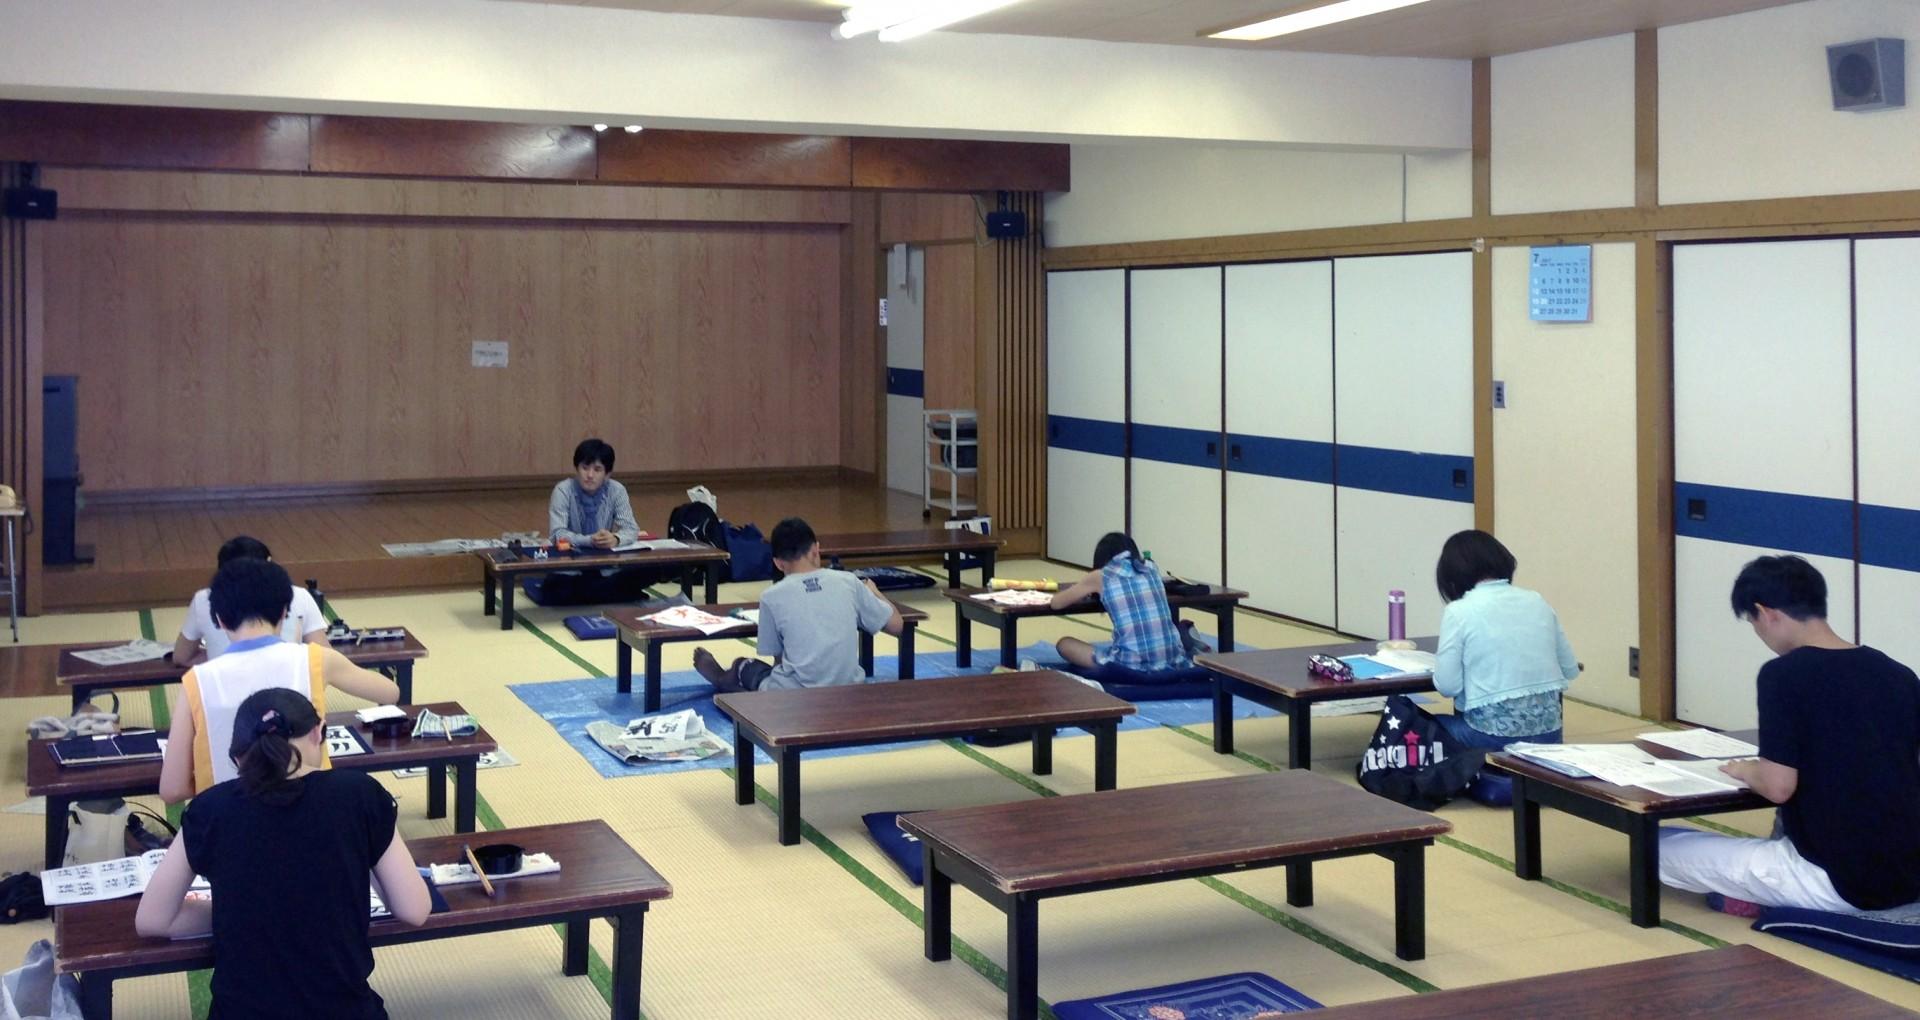 2015-07-19 Akatsuka